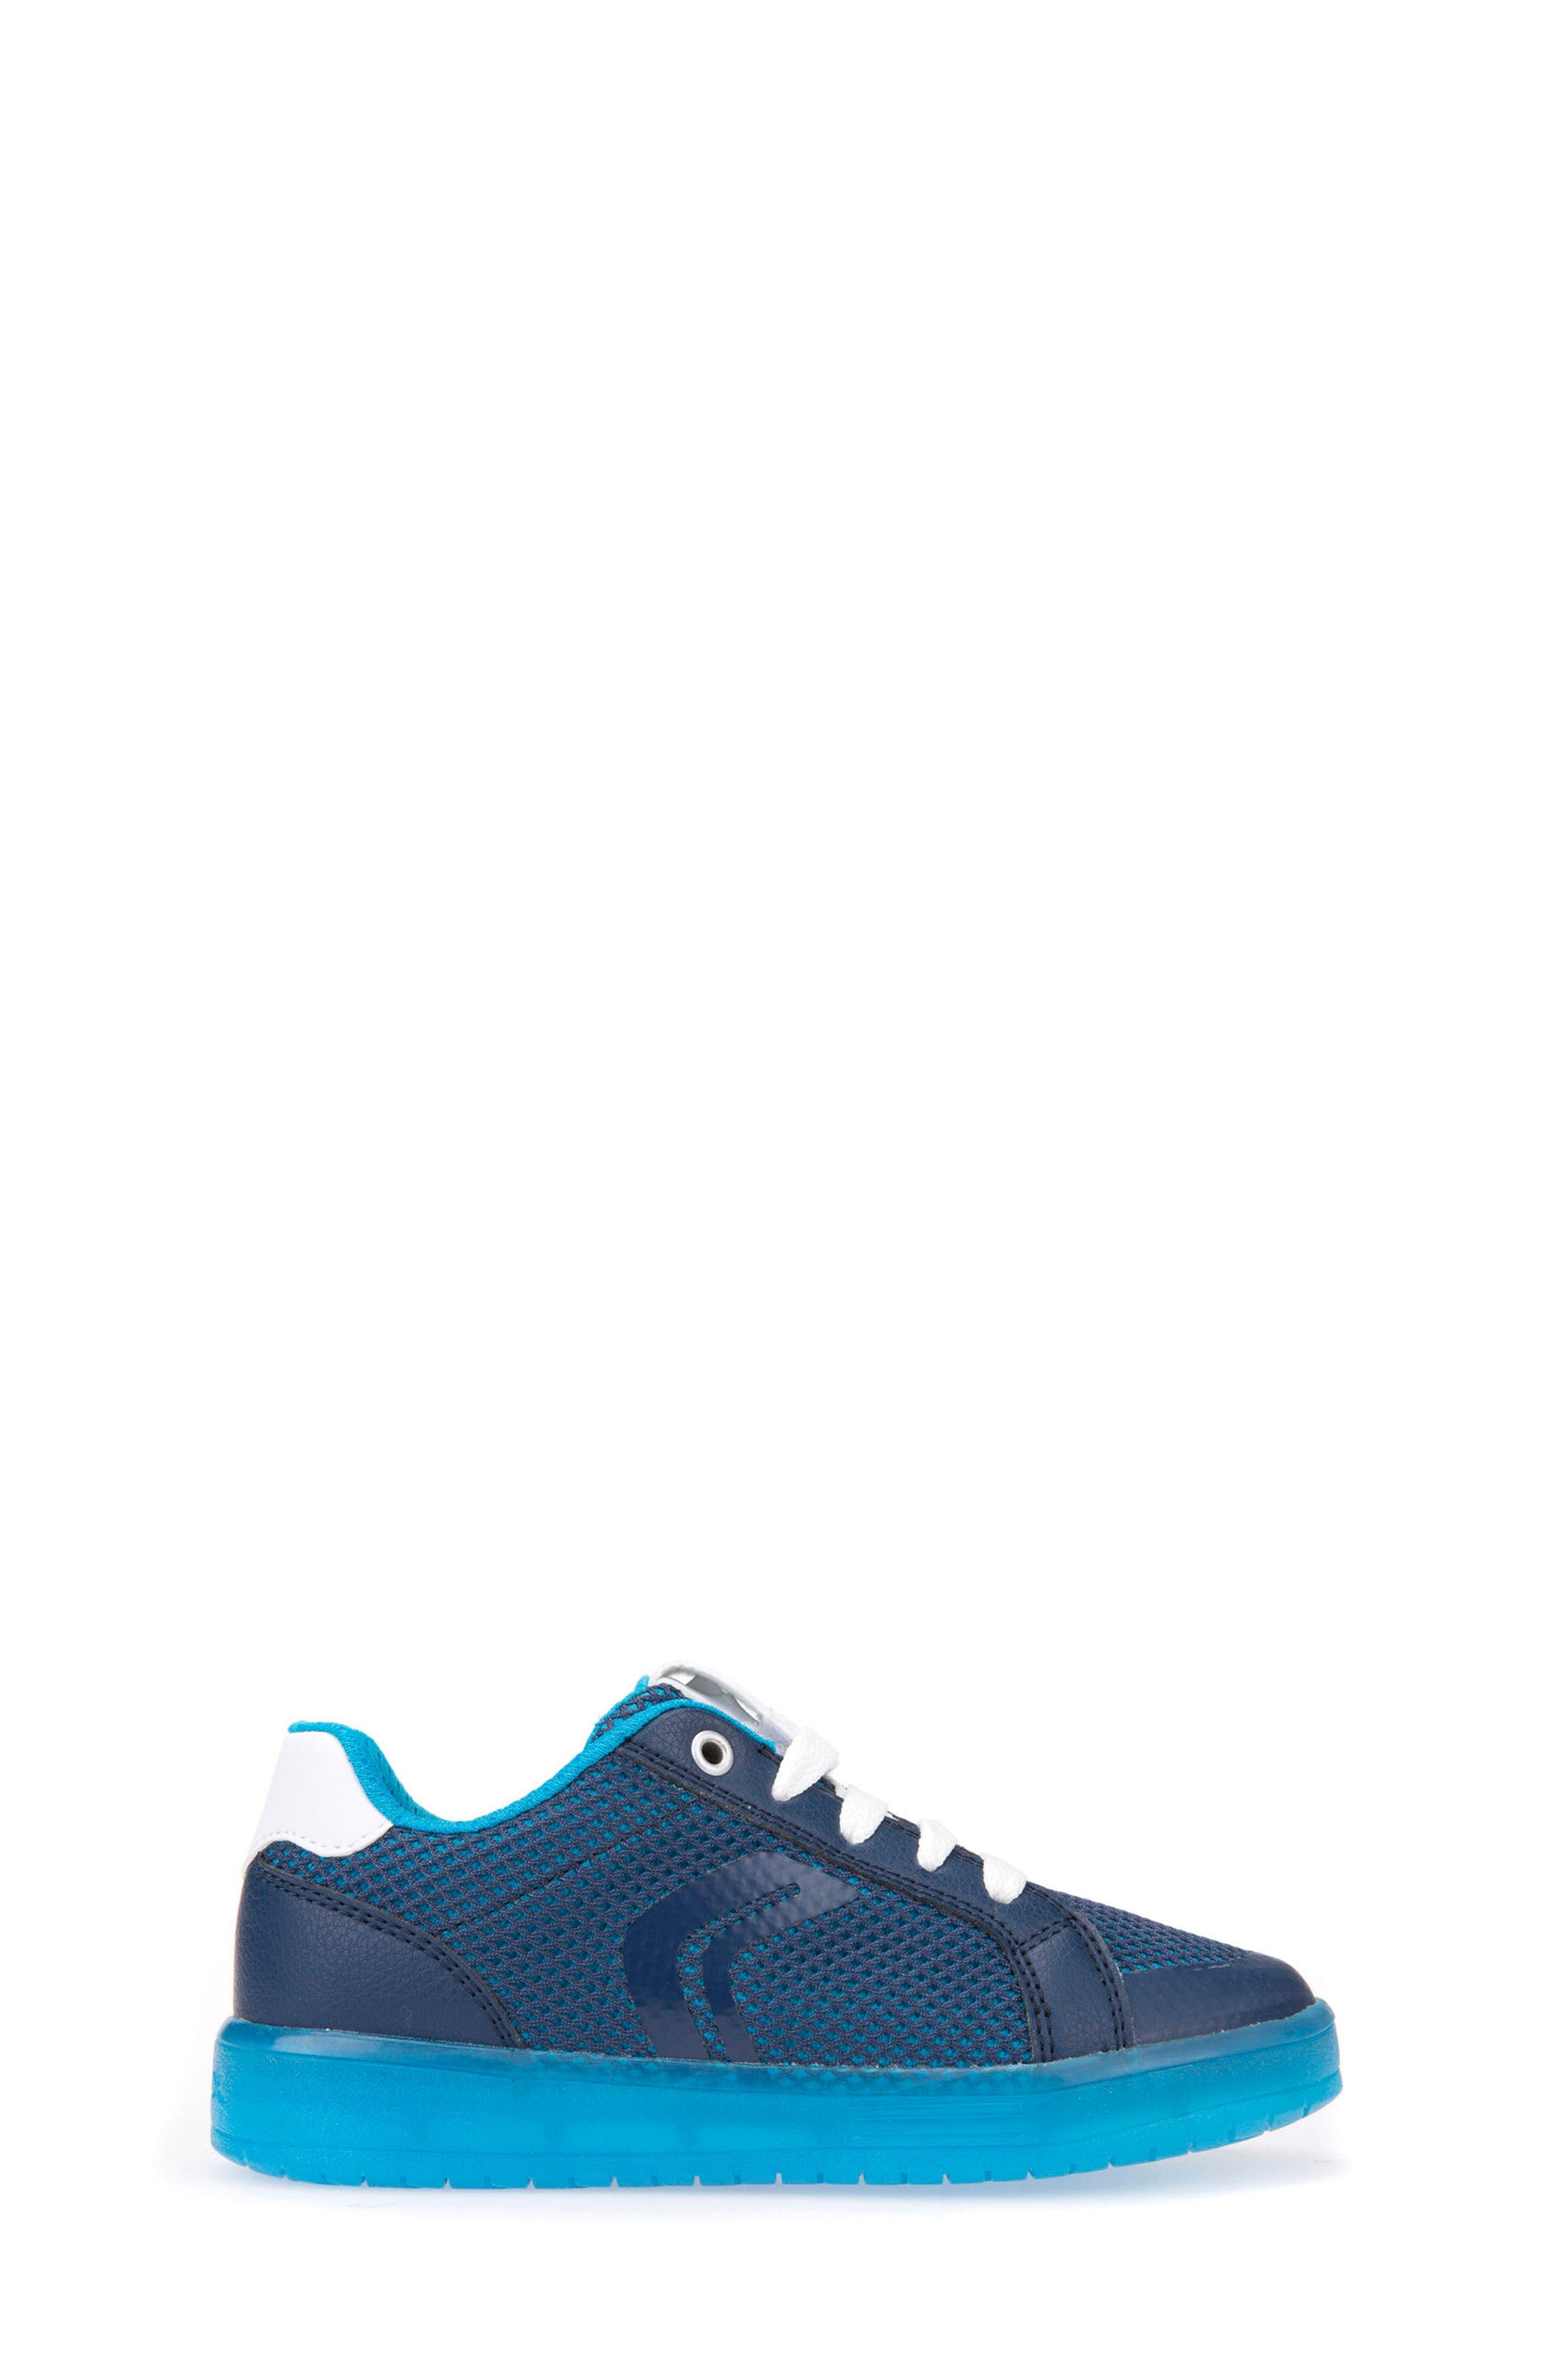 Kommodor Light-Up Mesh Sneaker,                             Alternate thumbnail 3, color,                             Navy/ Light Blue